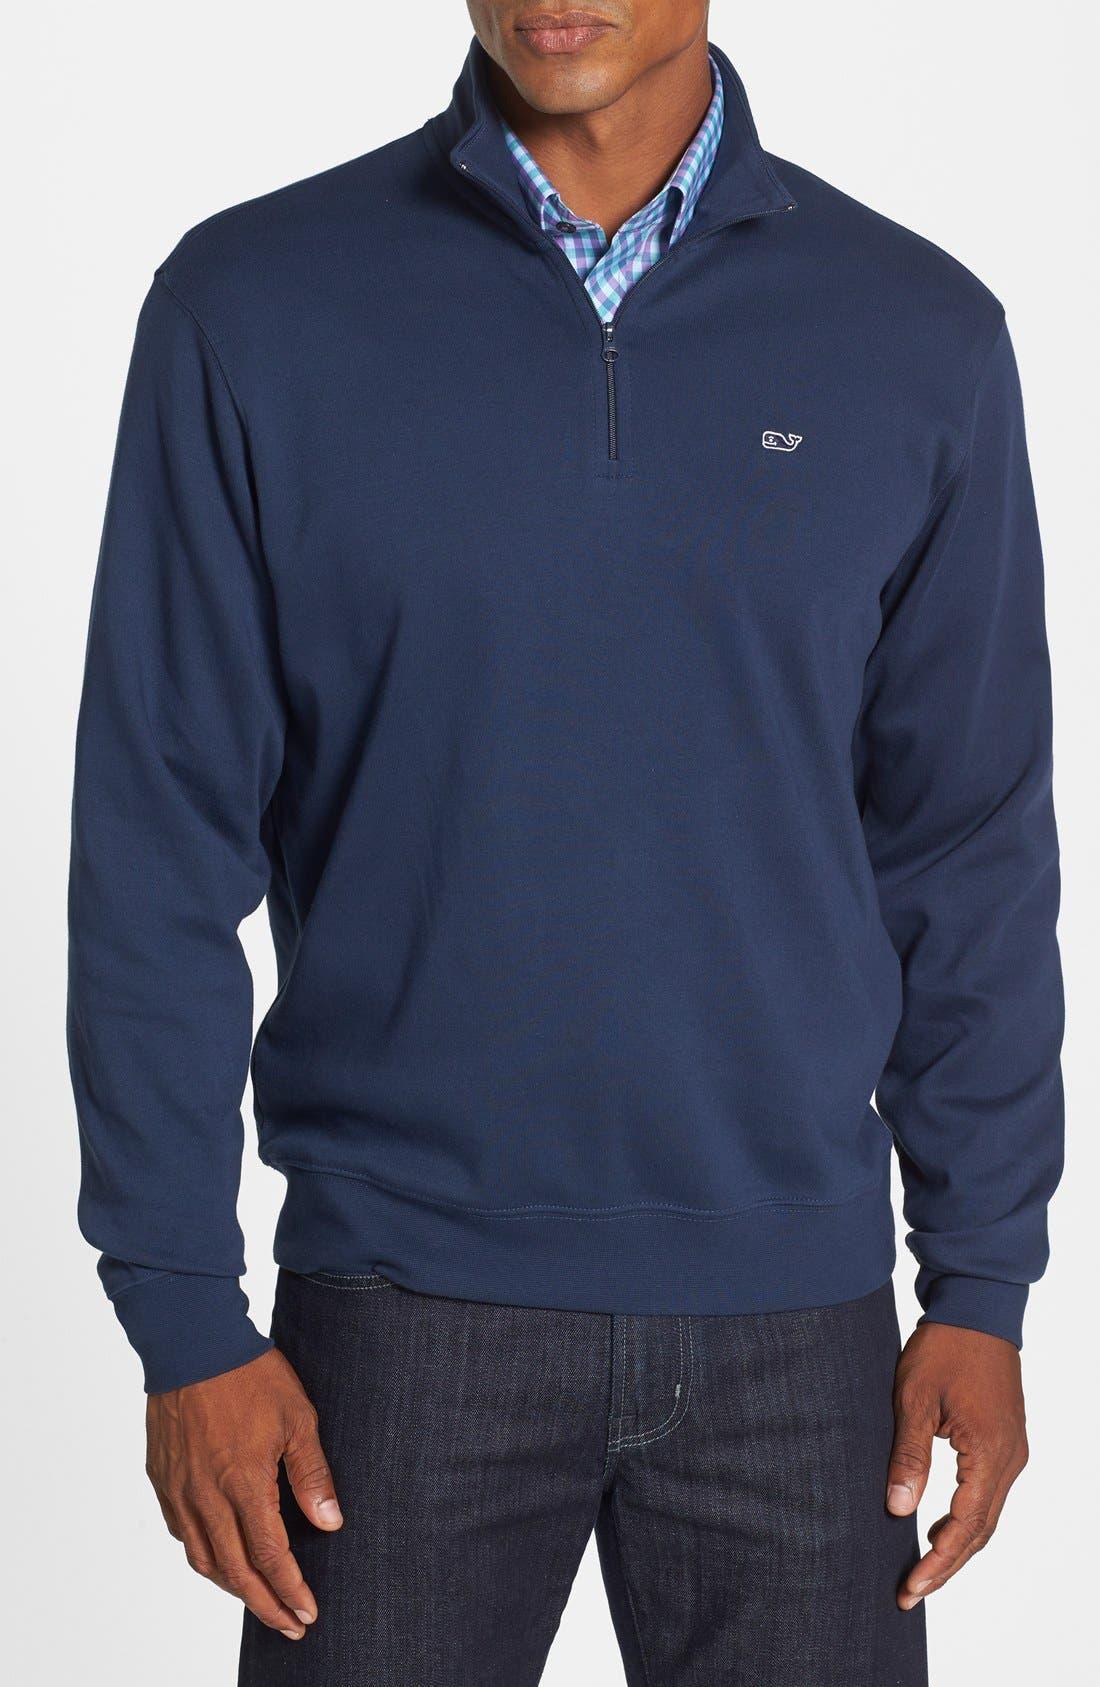 Alternate Image 1 Selected - Vineyard Vines Quarter Zip Cotton Jersey Sweatshirt